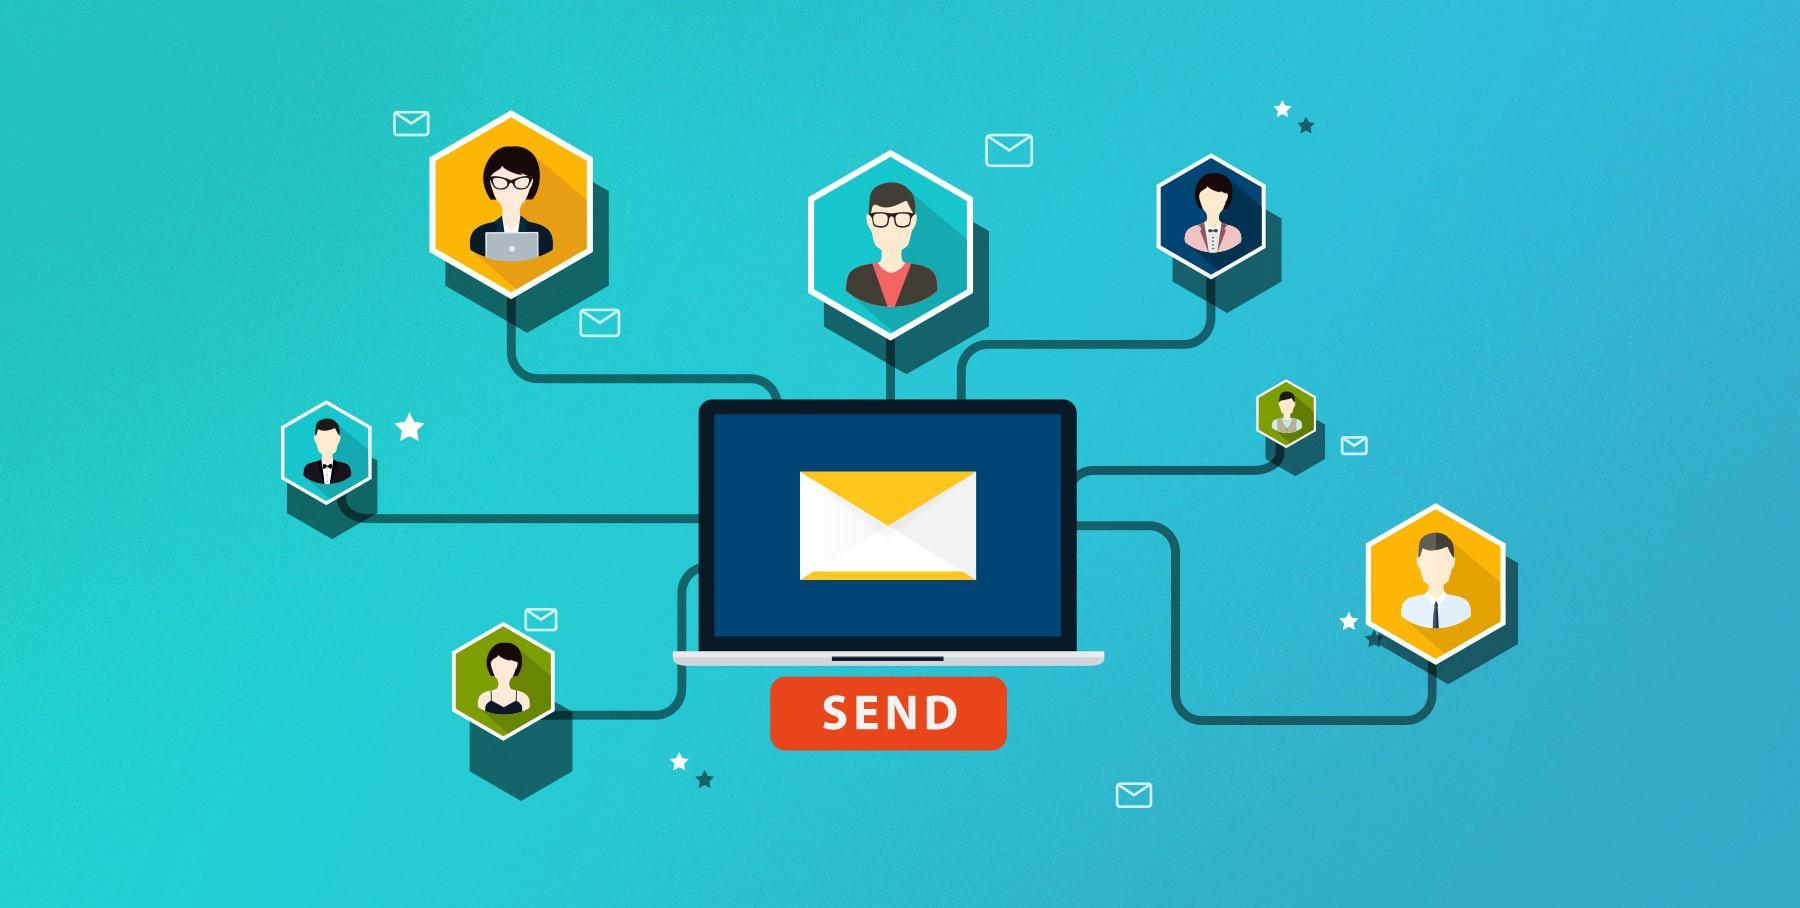 Làm thế nào để nâng cao hiệu quả chiến dịch email marketing - Ảnh 2.